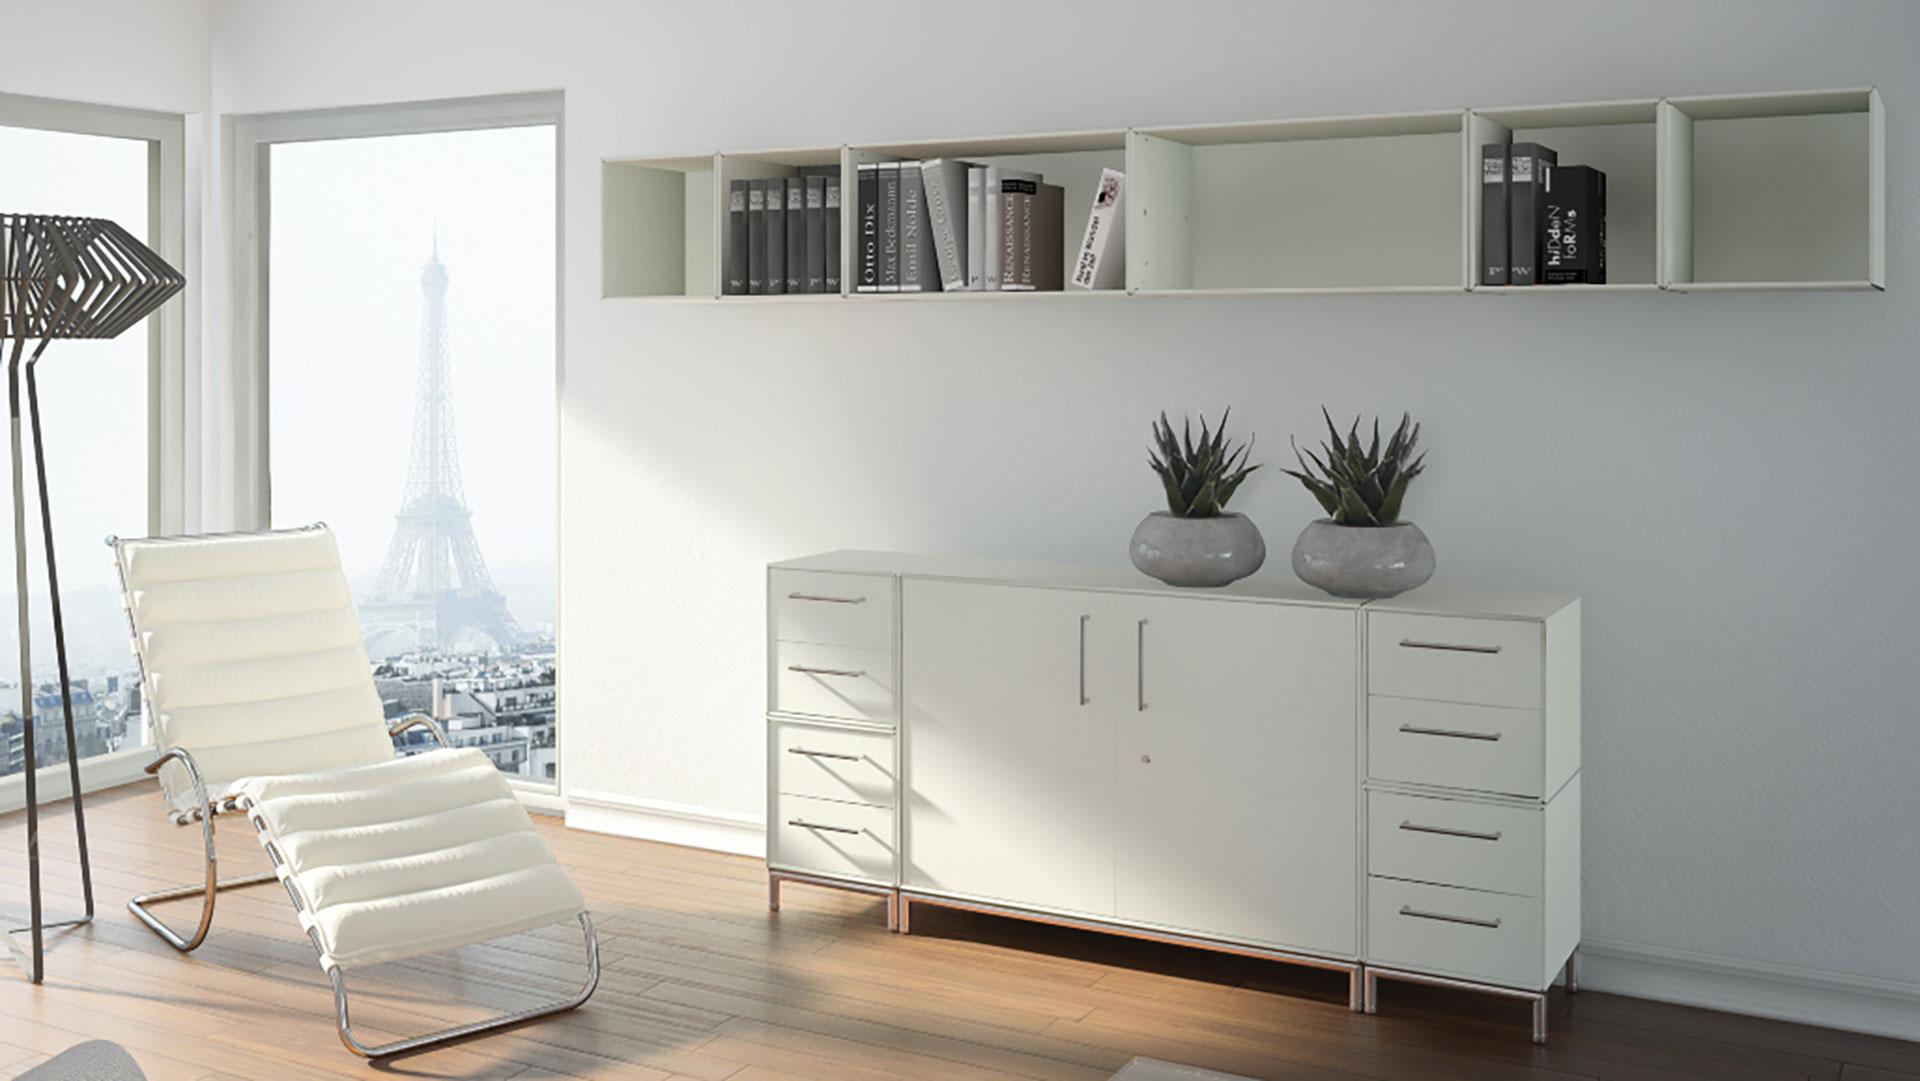 Design-Moebel-Stauraum-Wohnraum-element-x-mauser-16-9